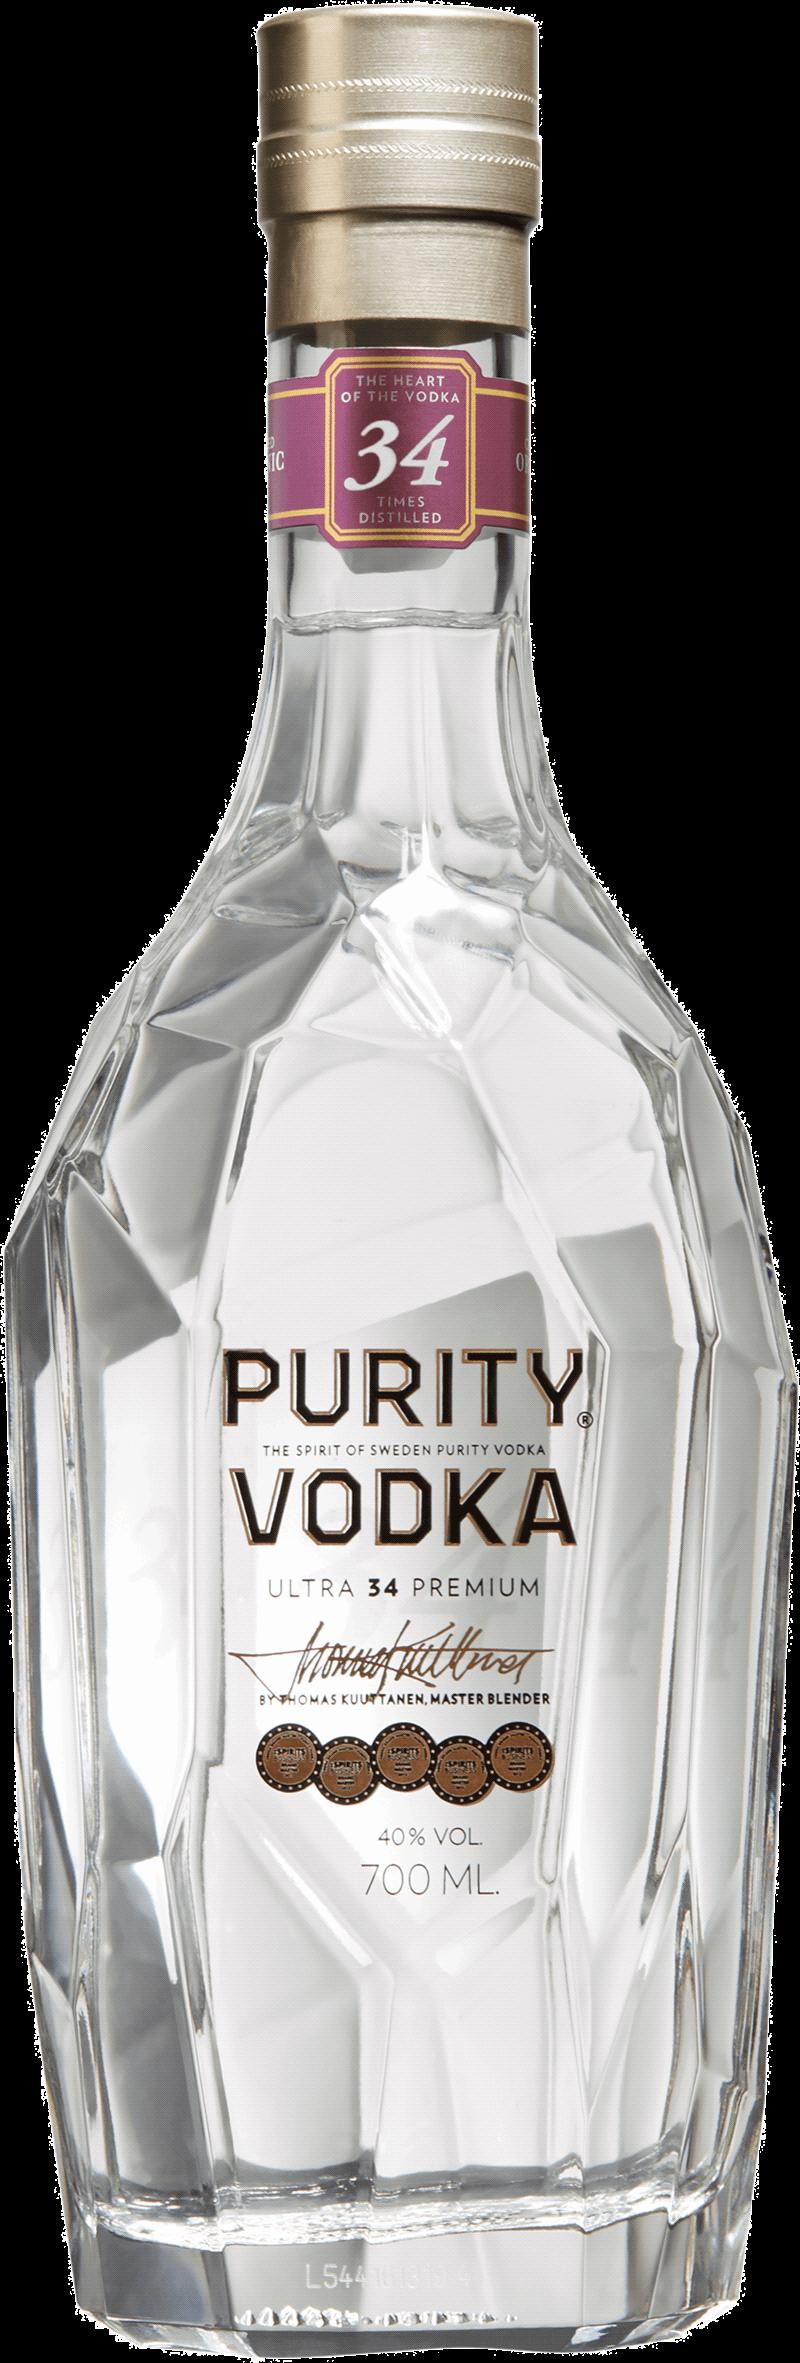 Purity Vodka Ultra 34 Premium. En Vodka och Brännvin av typen Vodka i en 700 Flaska från Skåne län